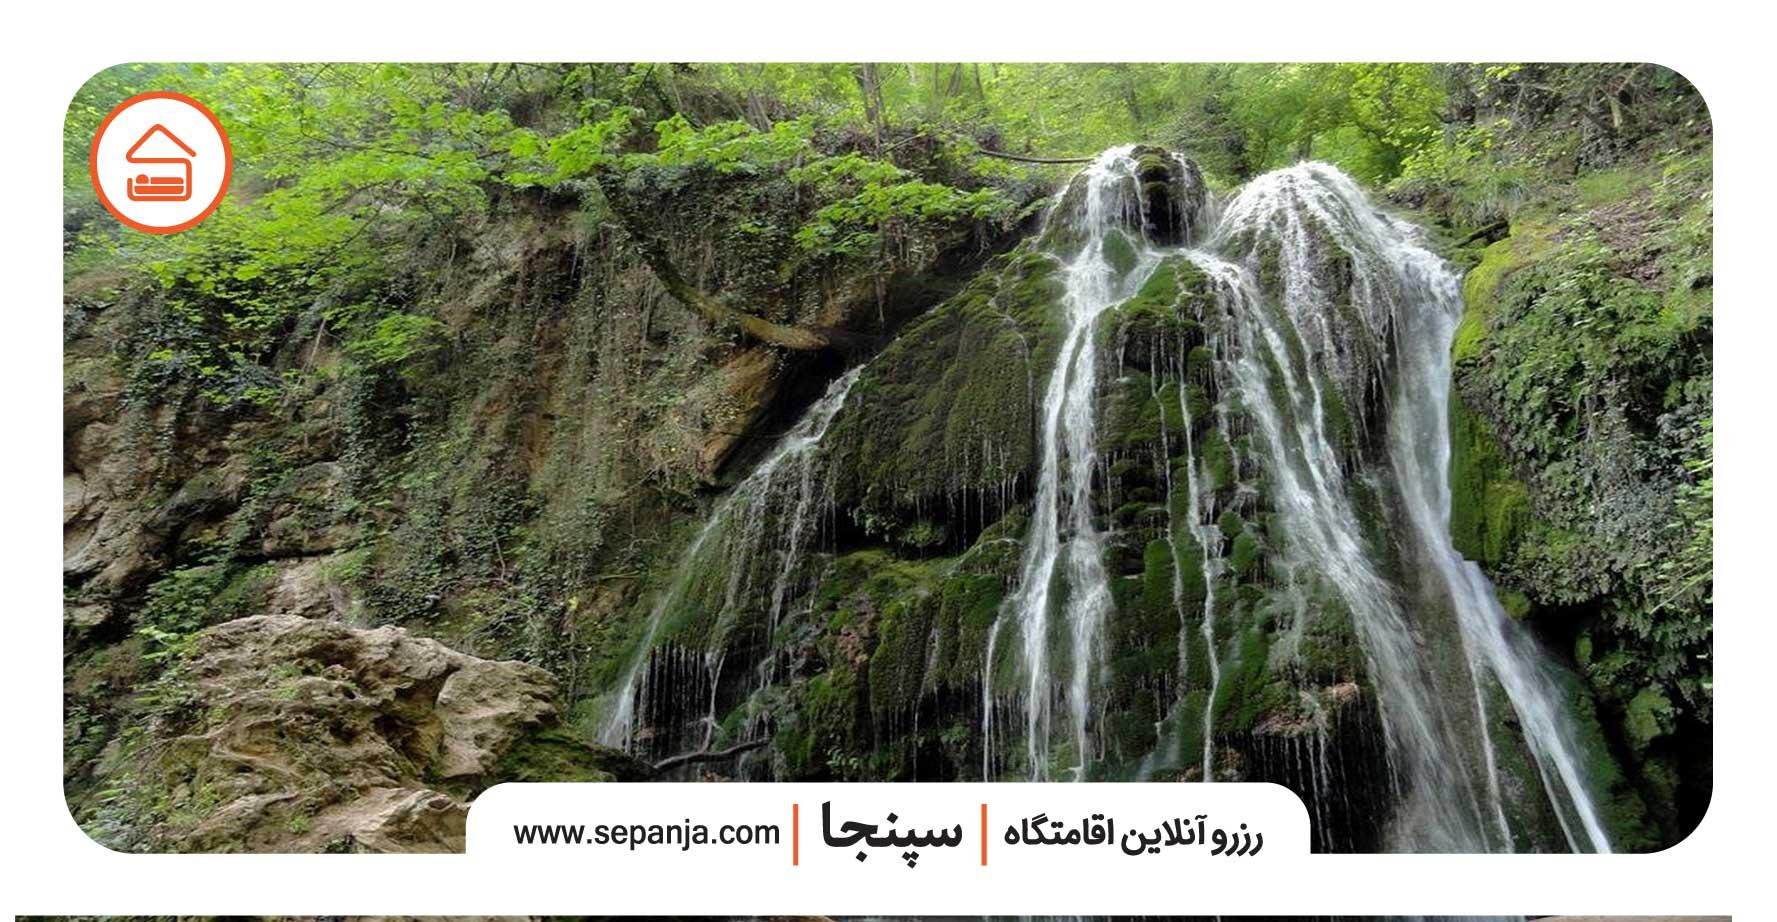 آبشار کبودوال از مهمترین جاهای دیدنی علی آباد کتول